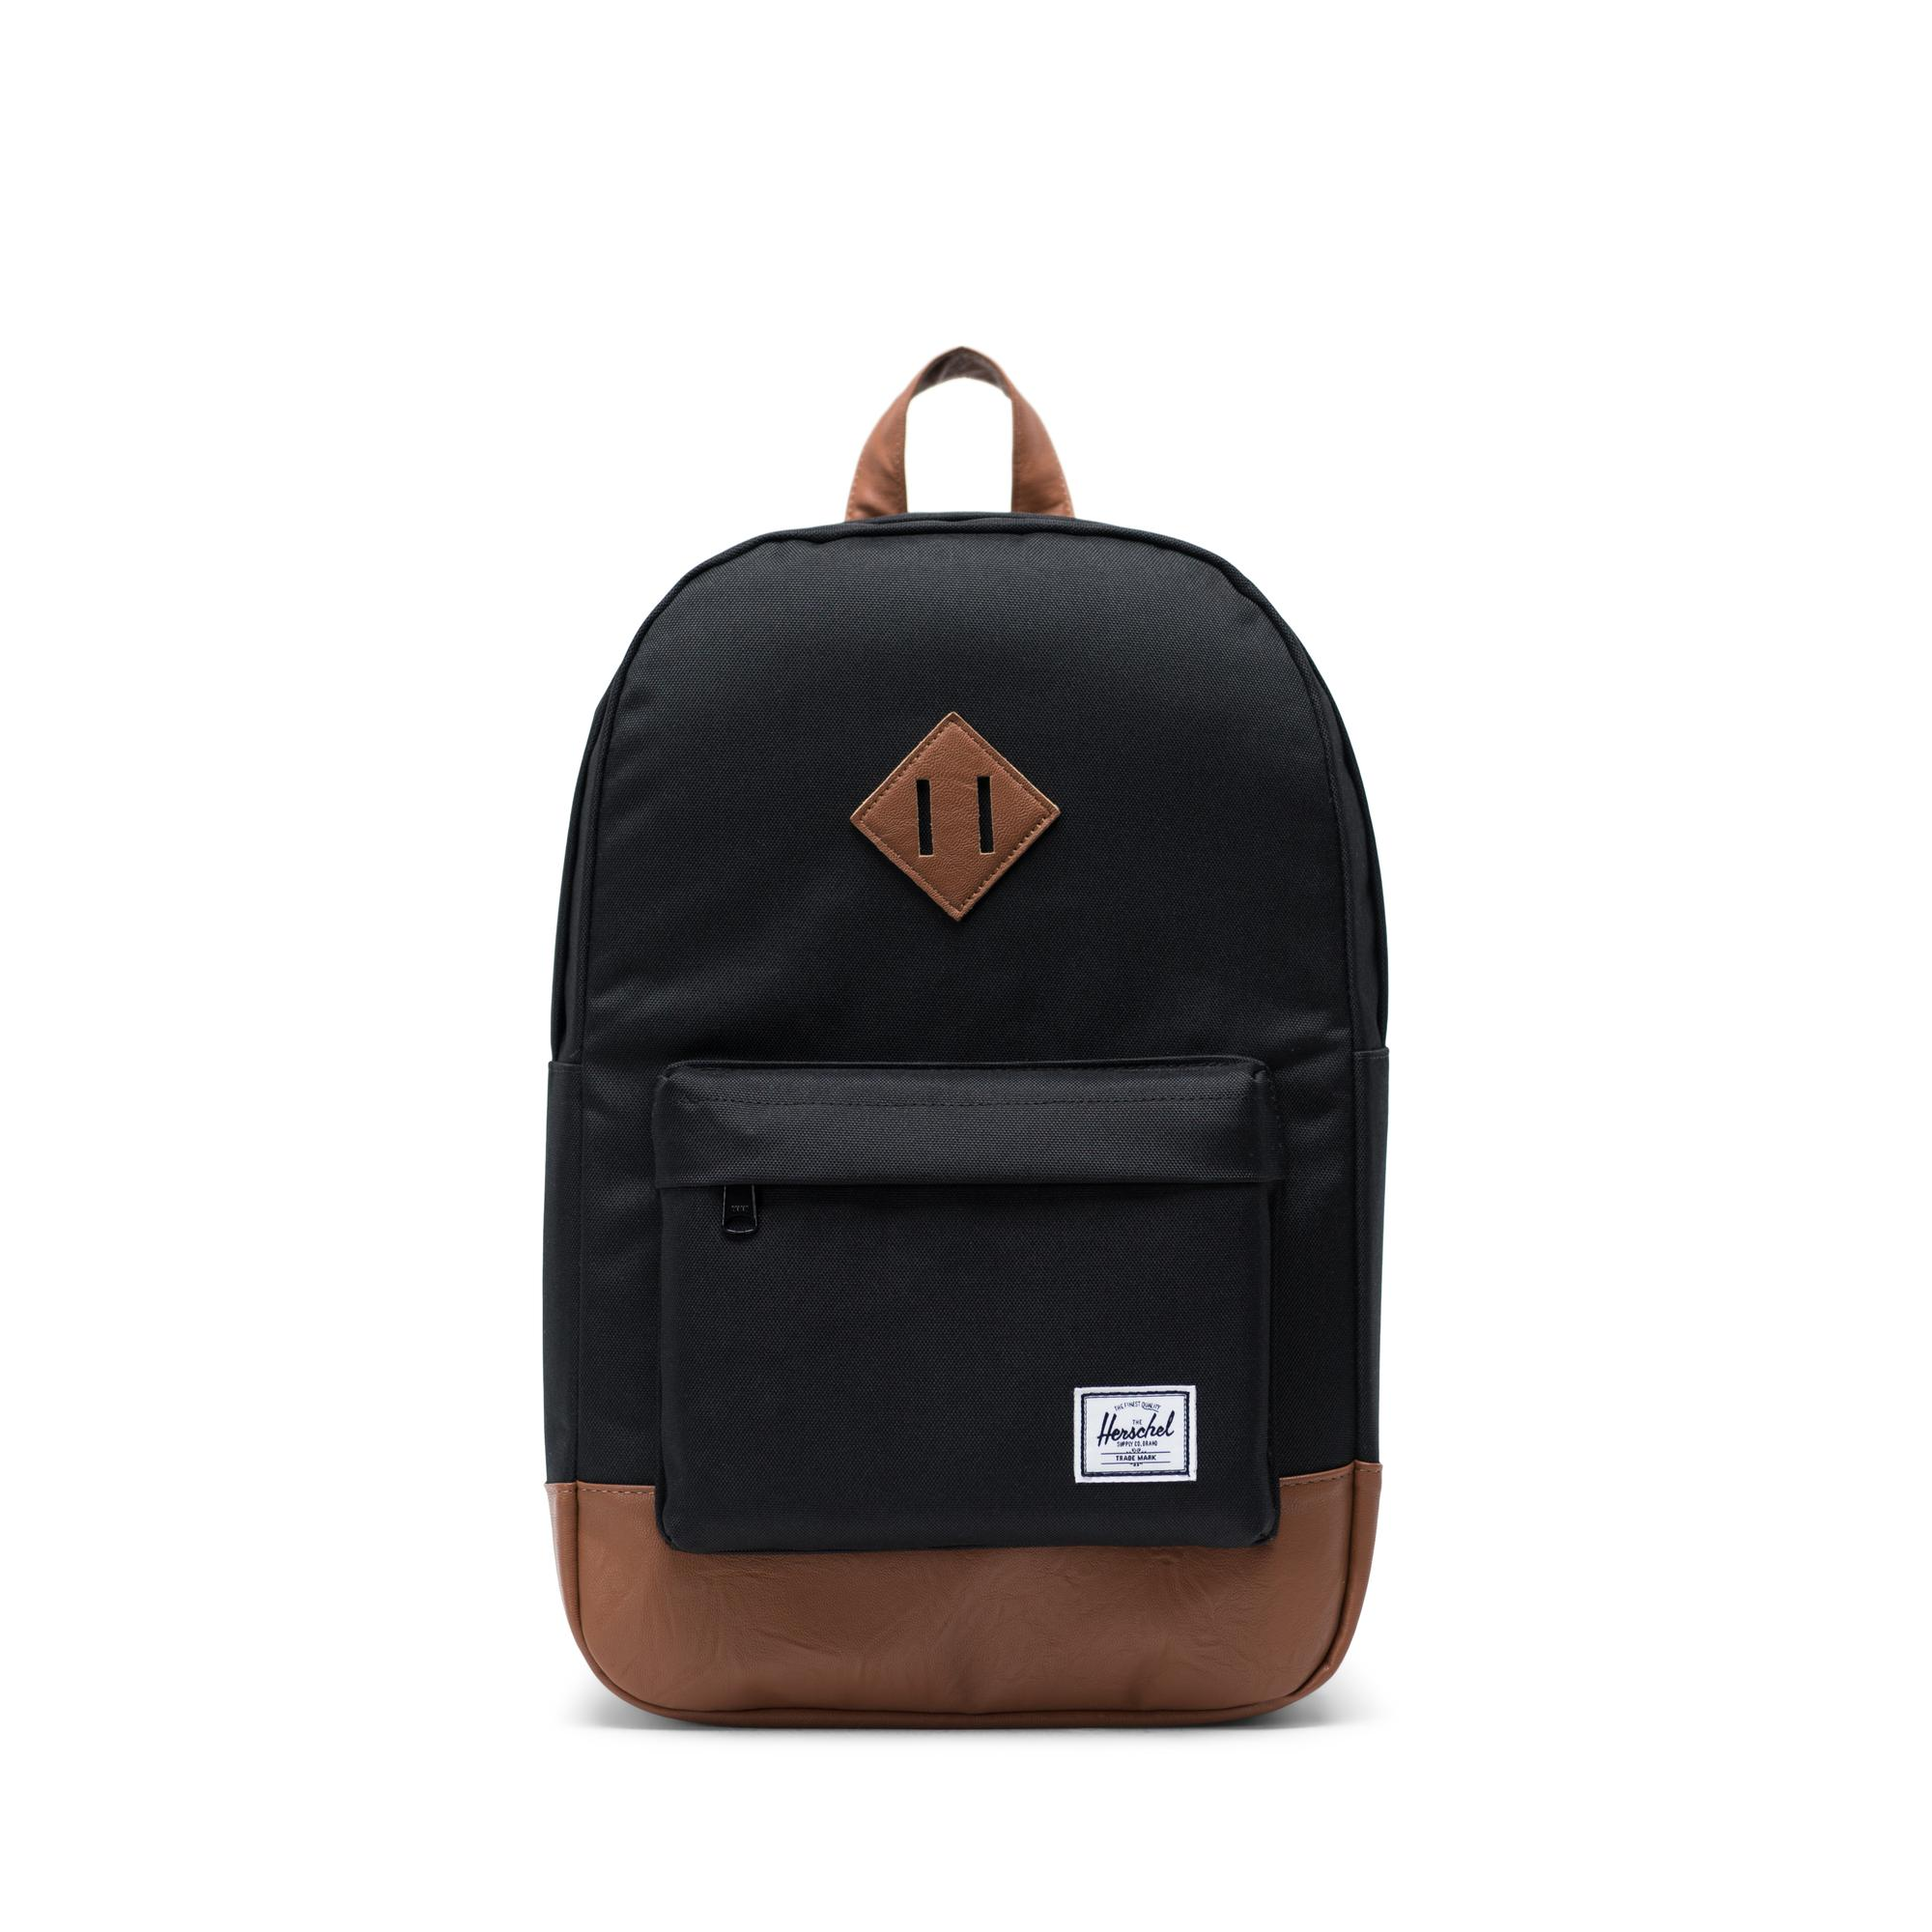 7ba57b5cc11 Heritage Backpack Mid-Volume